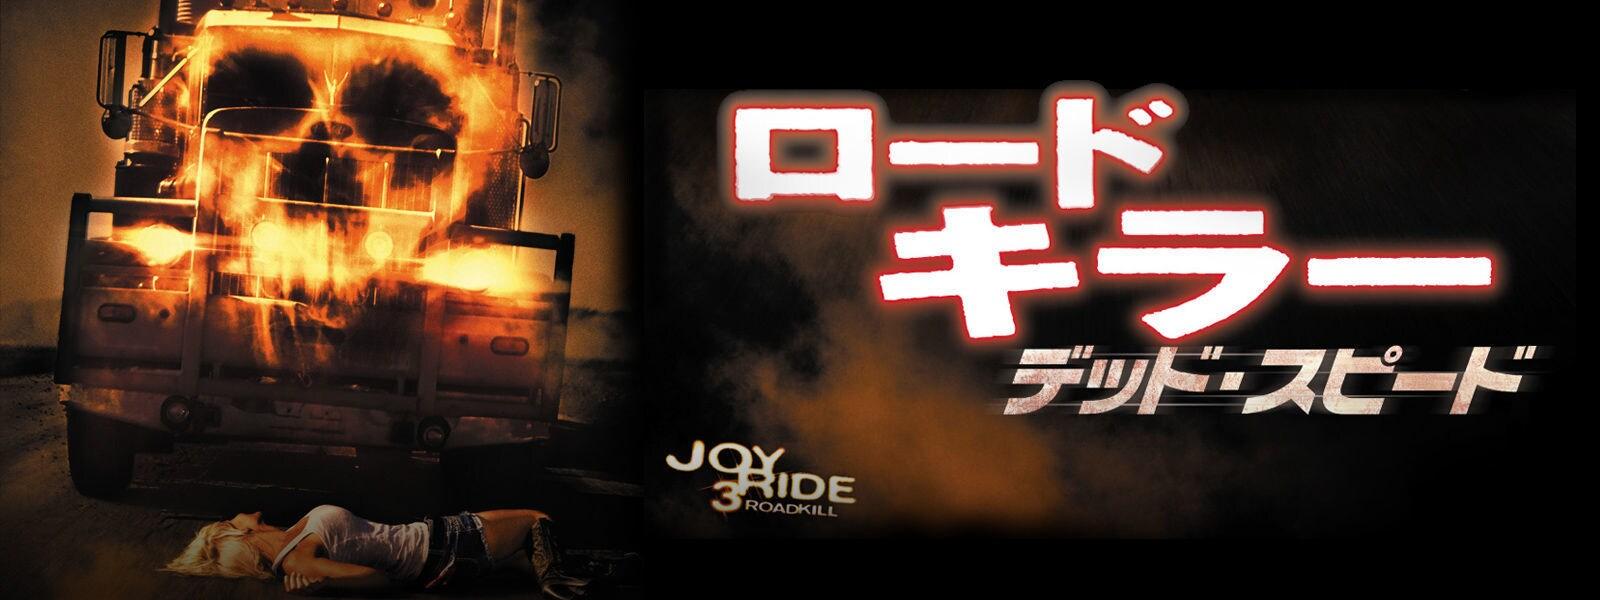 ロードキラー デッド・スピード Joy Ride 3: Roadkill Hero Object